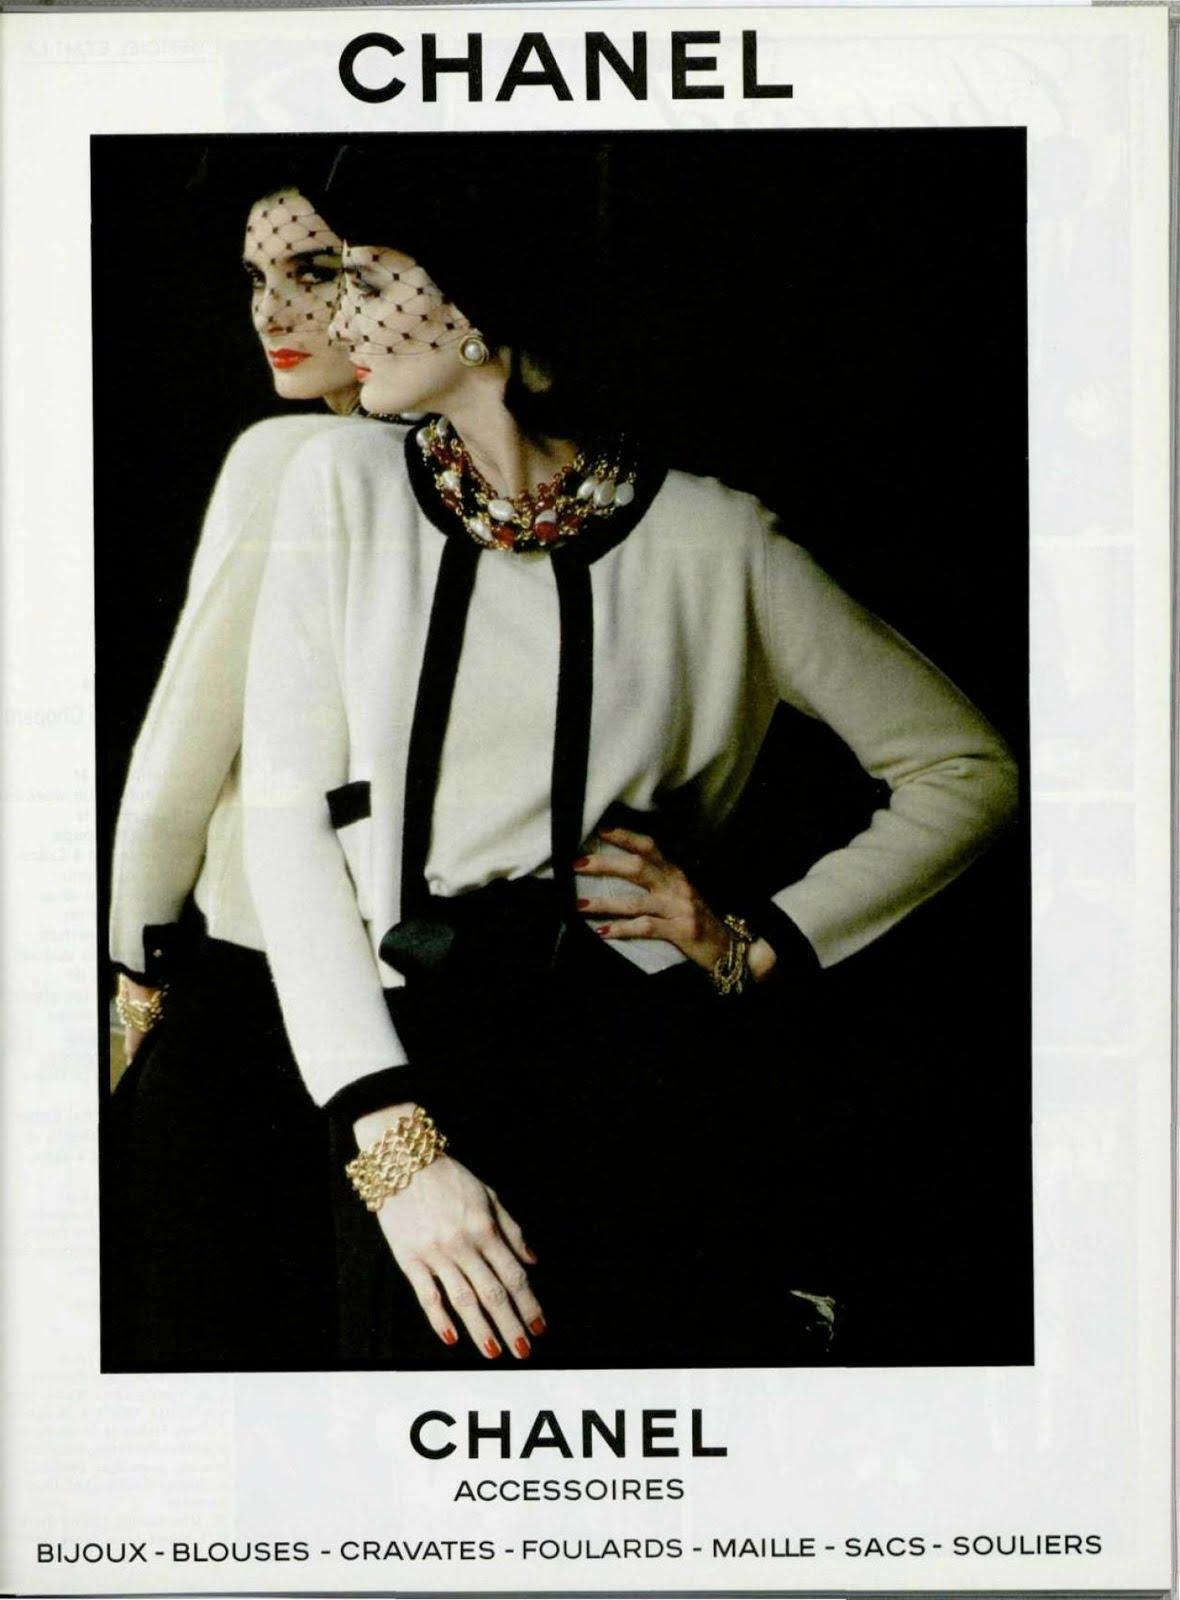 http://2.bp.blogspot.com/-goxdbrFCcrk/TueYDqfM9PI/AAAAAAAABos/49Uq9CCGsbA/s1600/Chanel+ad+1983.jpg